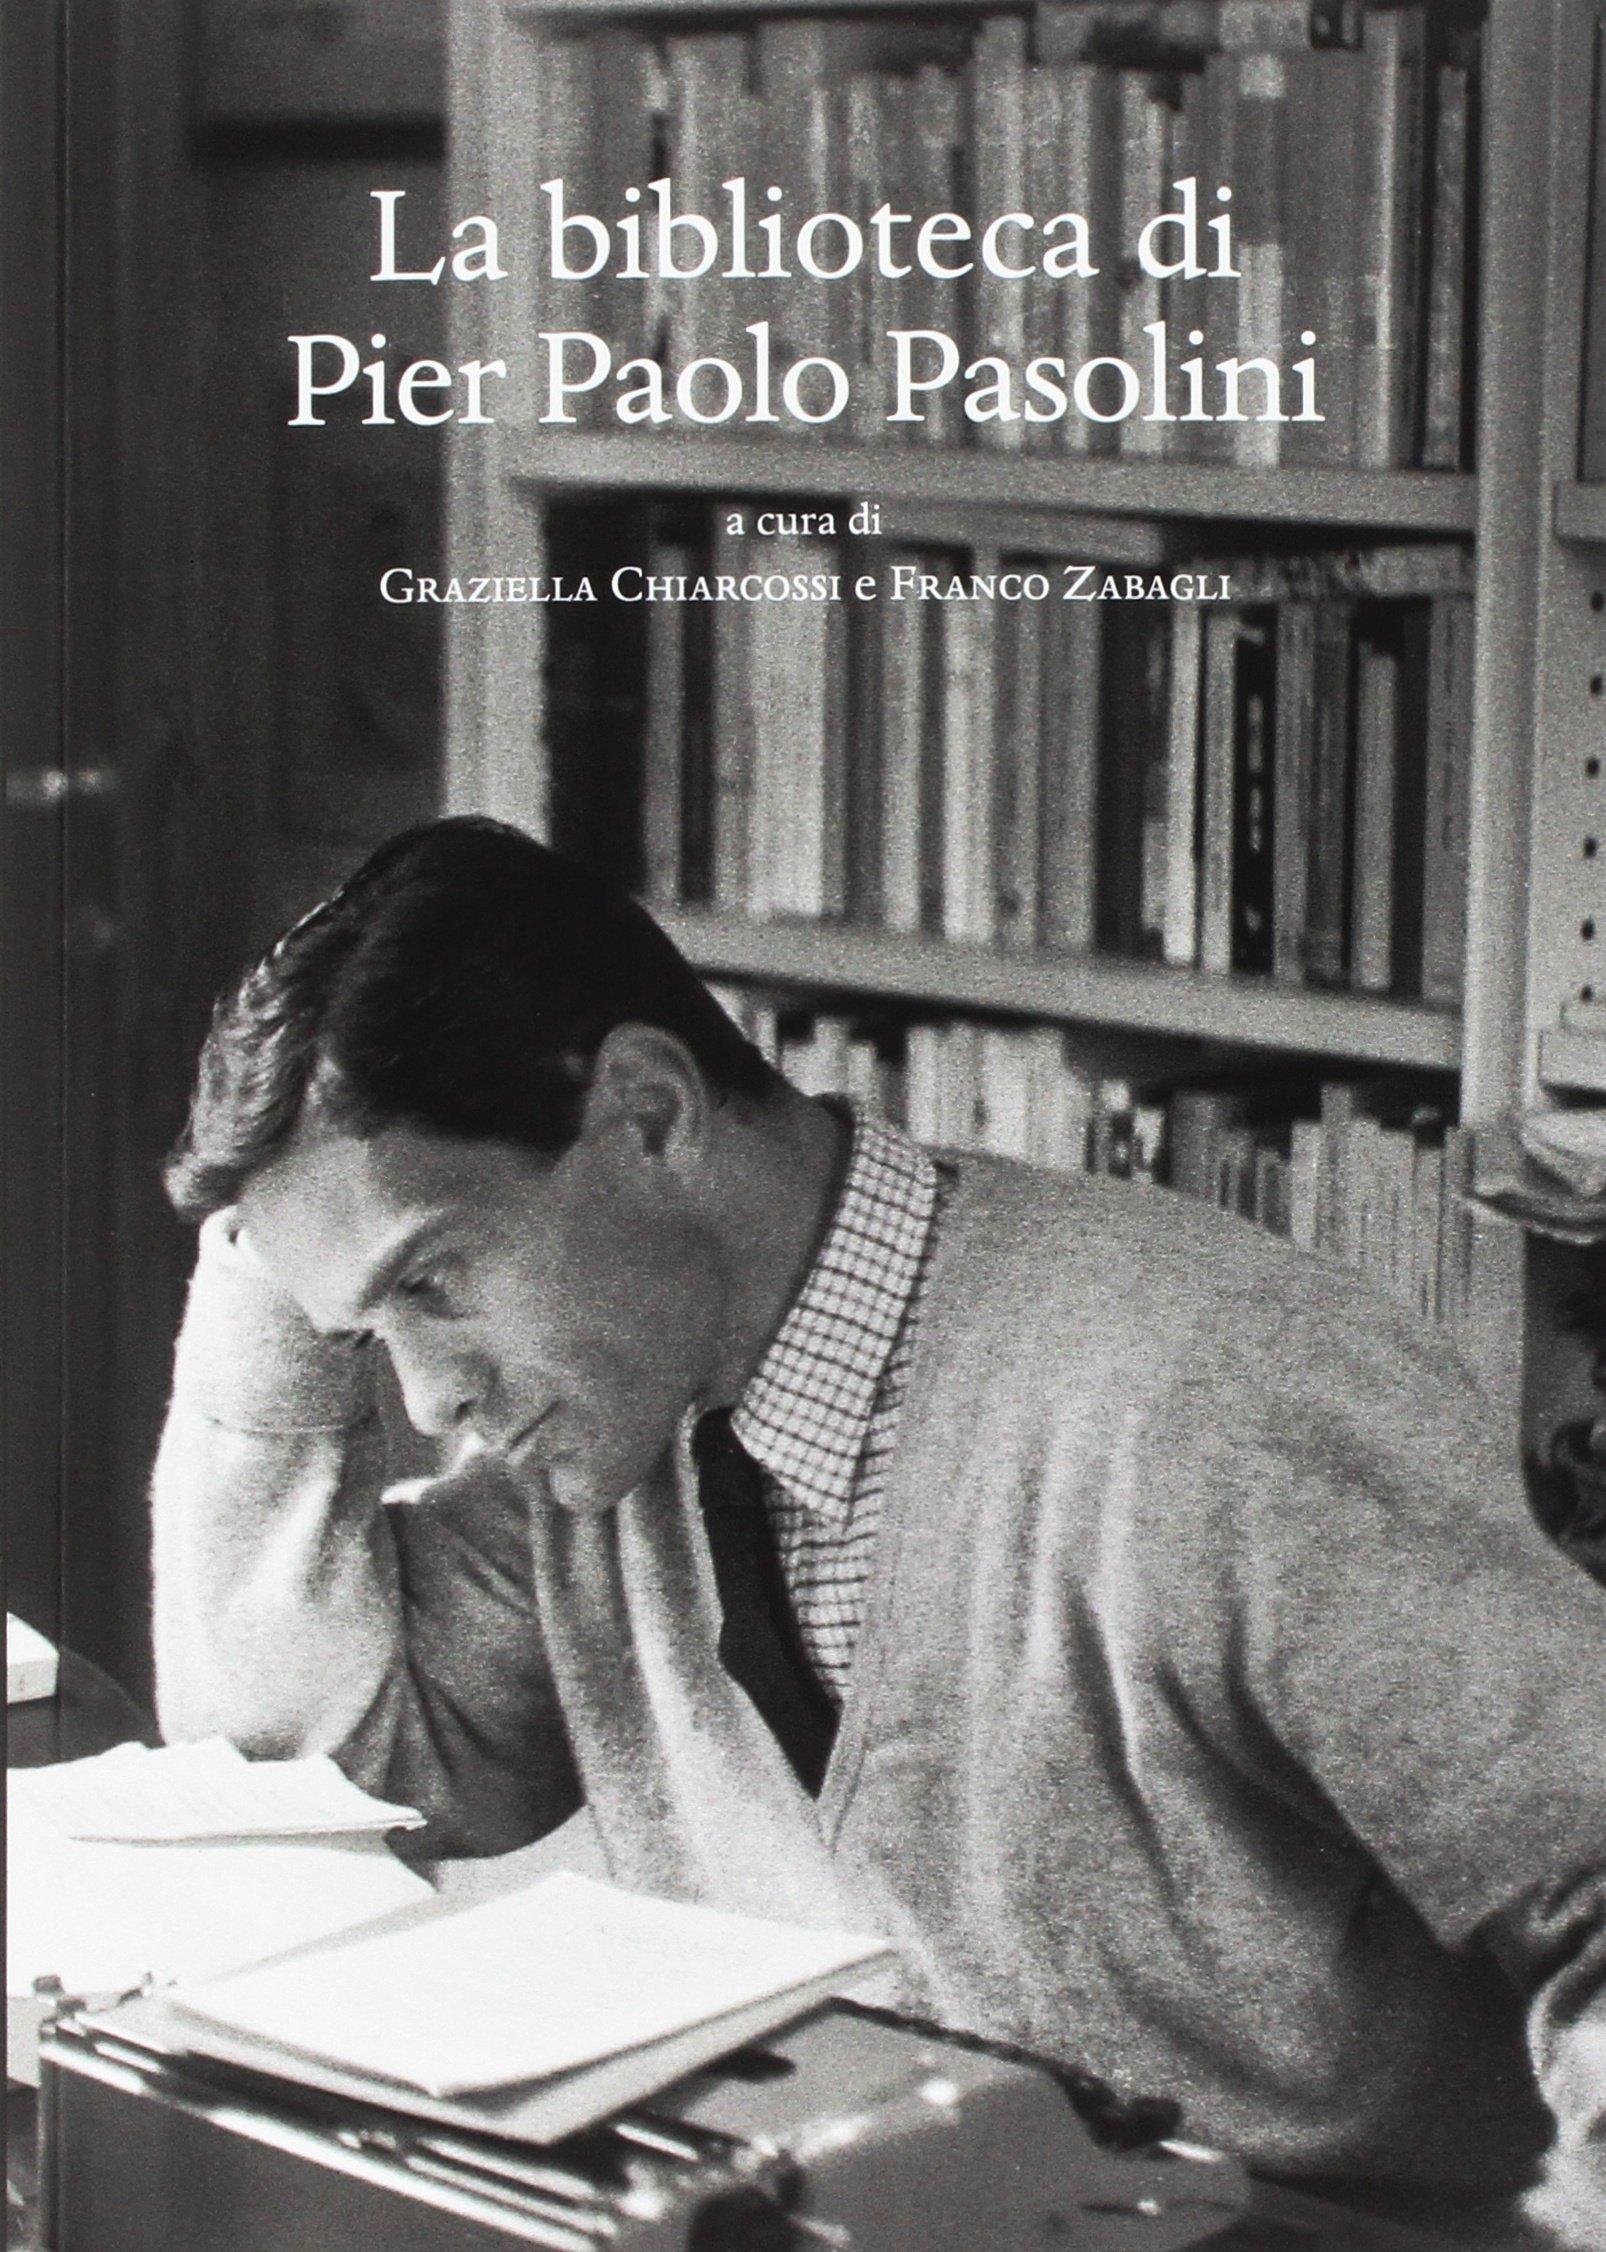 La biblioteca di Pier Paolo Pasolini Copertina flessibile – 31 gen 2018 G. Chiarcossi F. Zabagli Olschki 8822265157